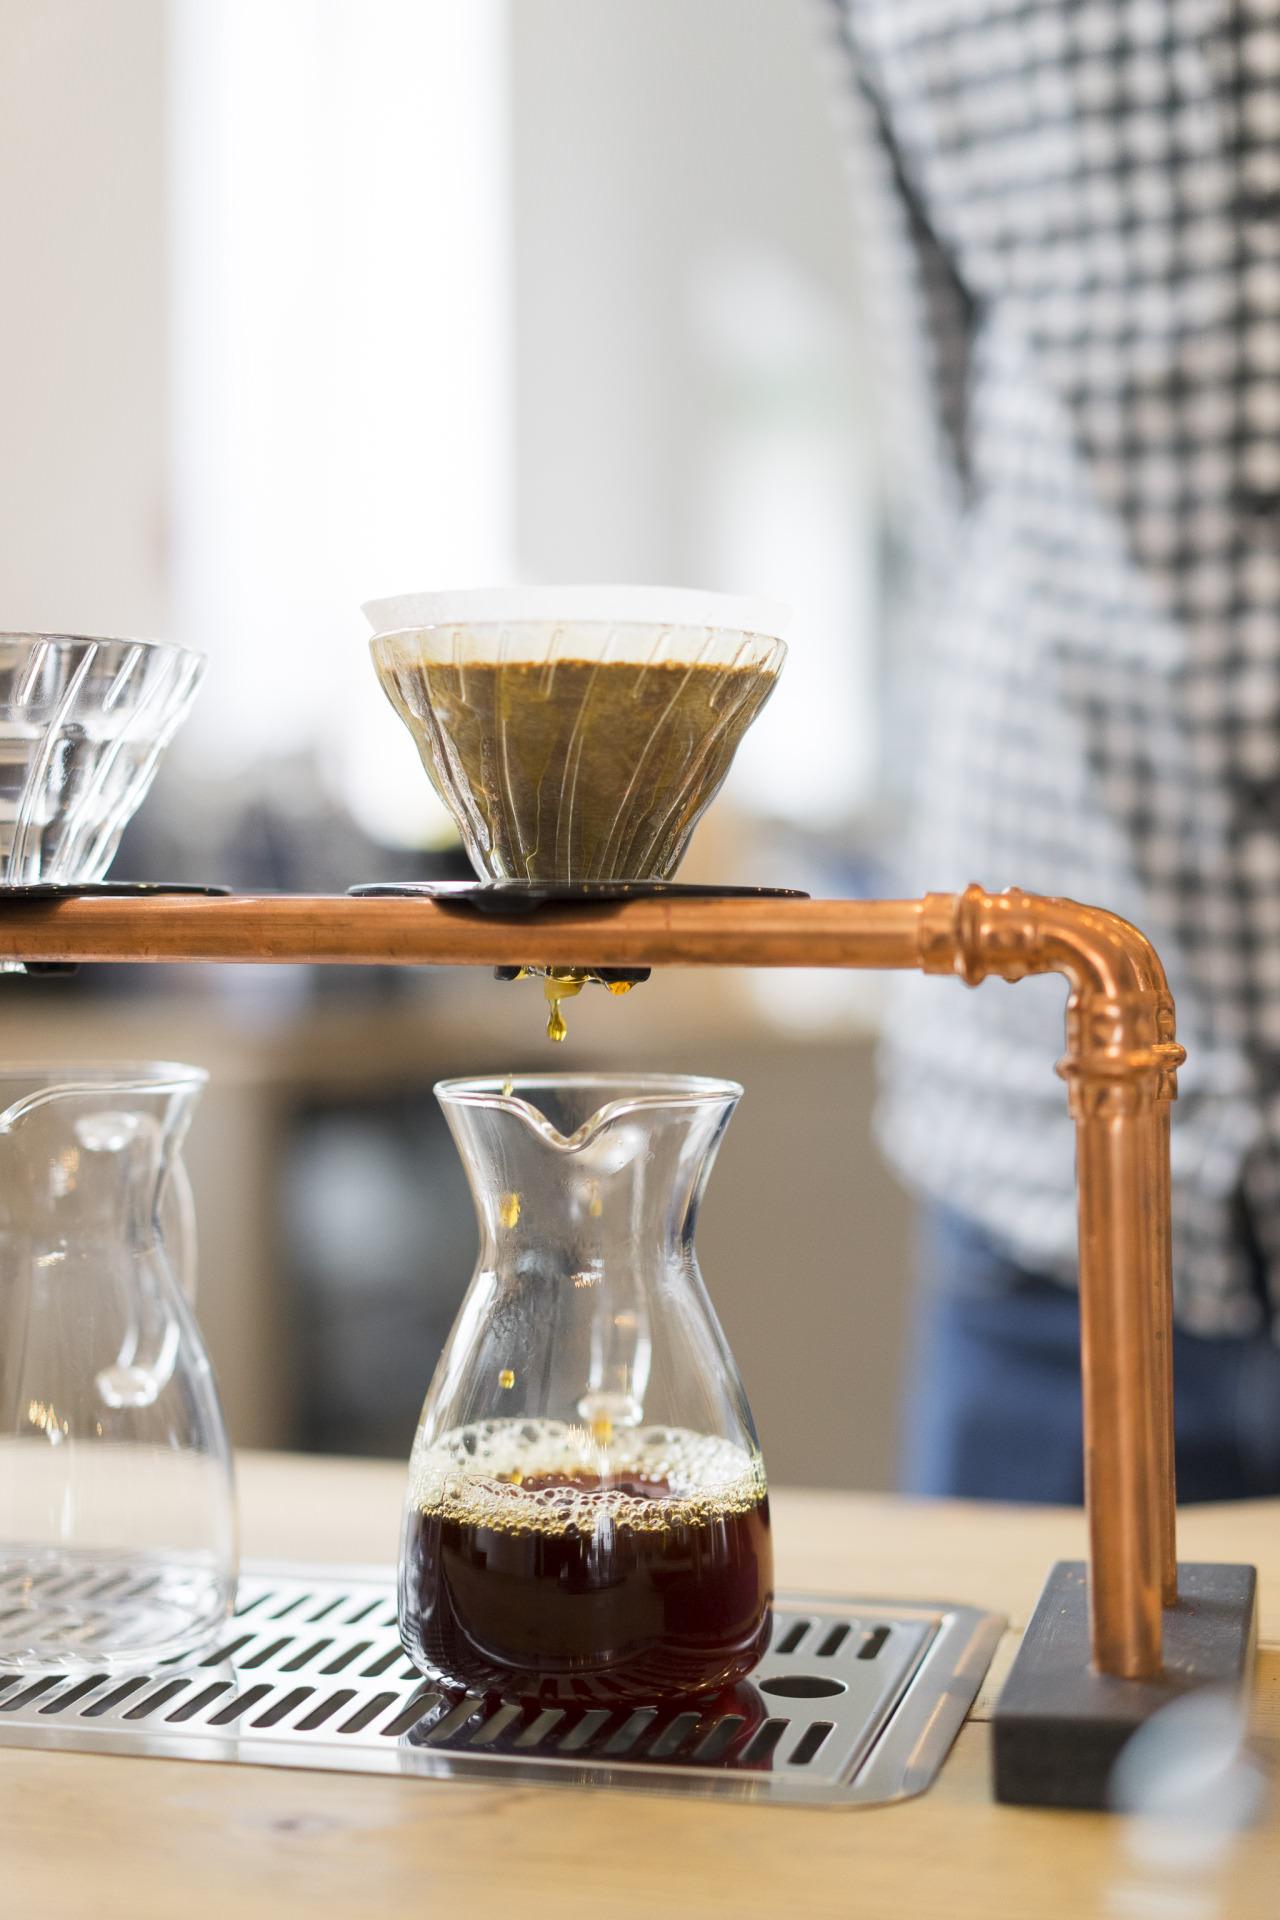 neues-schwarz-kaffee-dortmund-pottspott-23.jpg